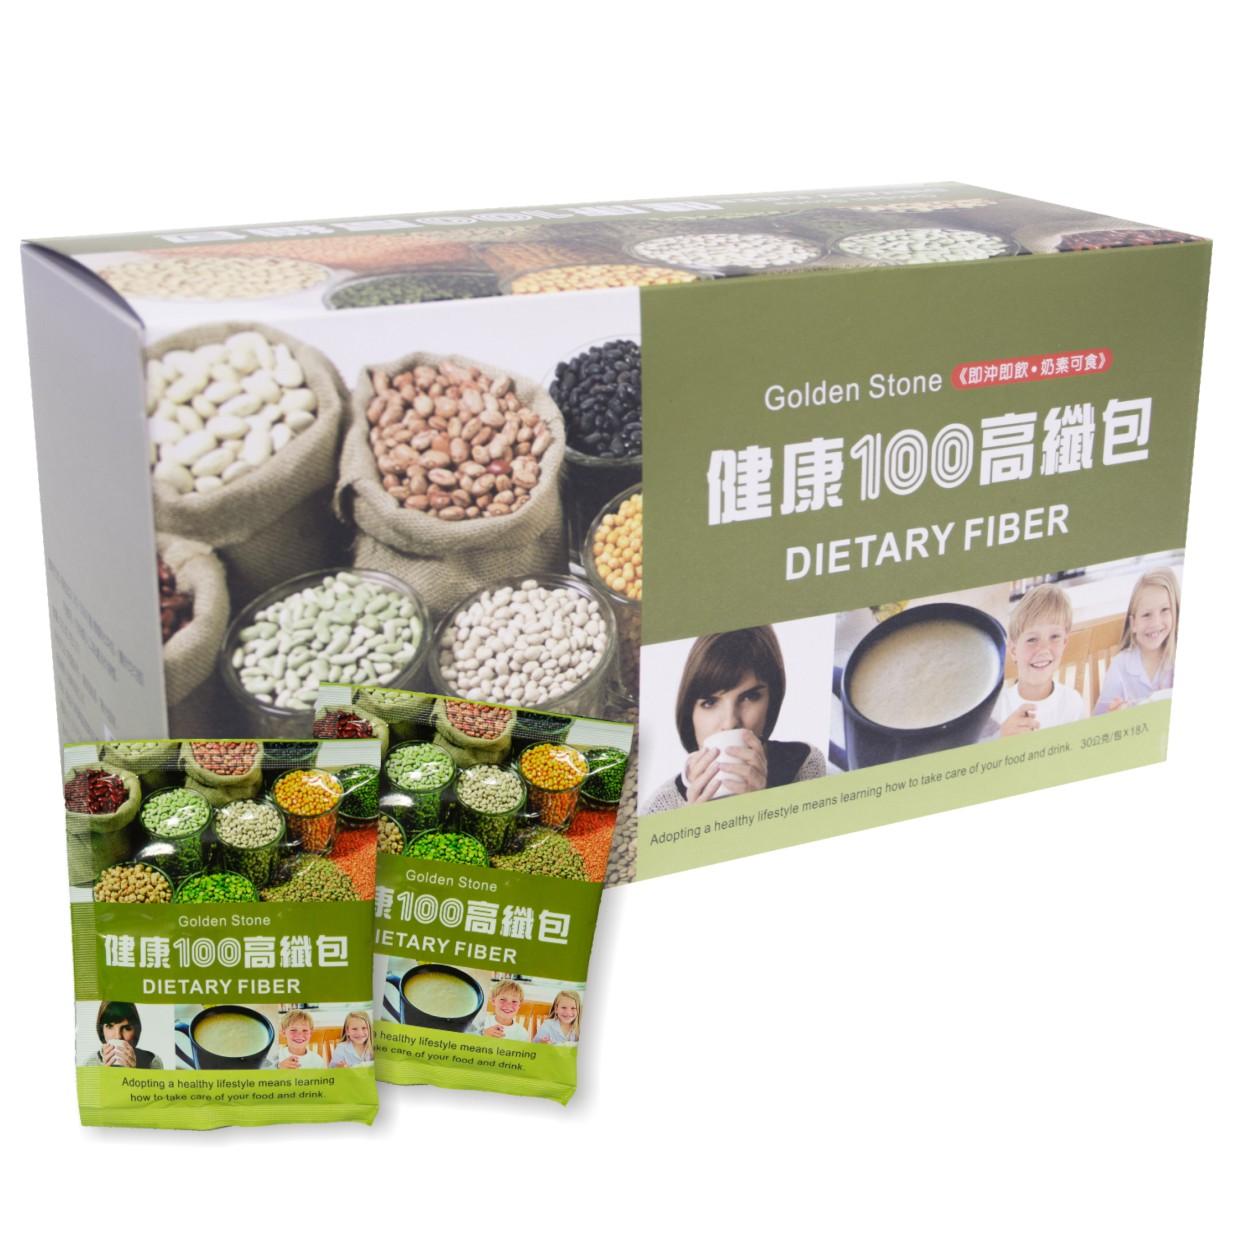 【小資嚐鮮】金石健康100高纖包(18包/盒)|即沖即飲|吃的到顆粒|零反式脂肪|沖泡飲品